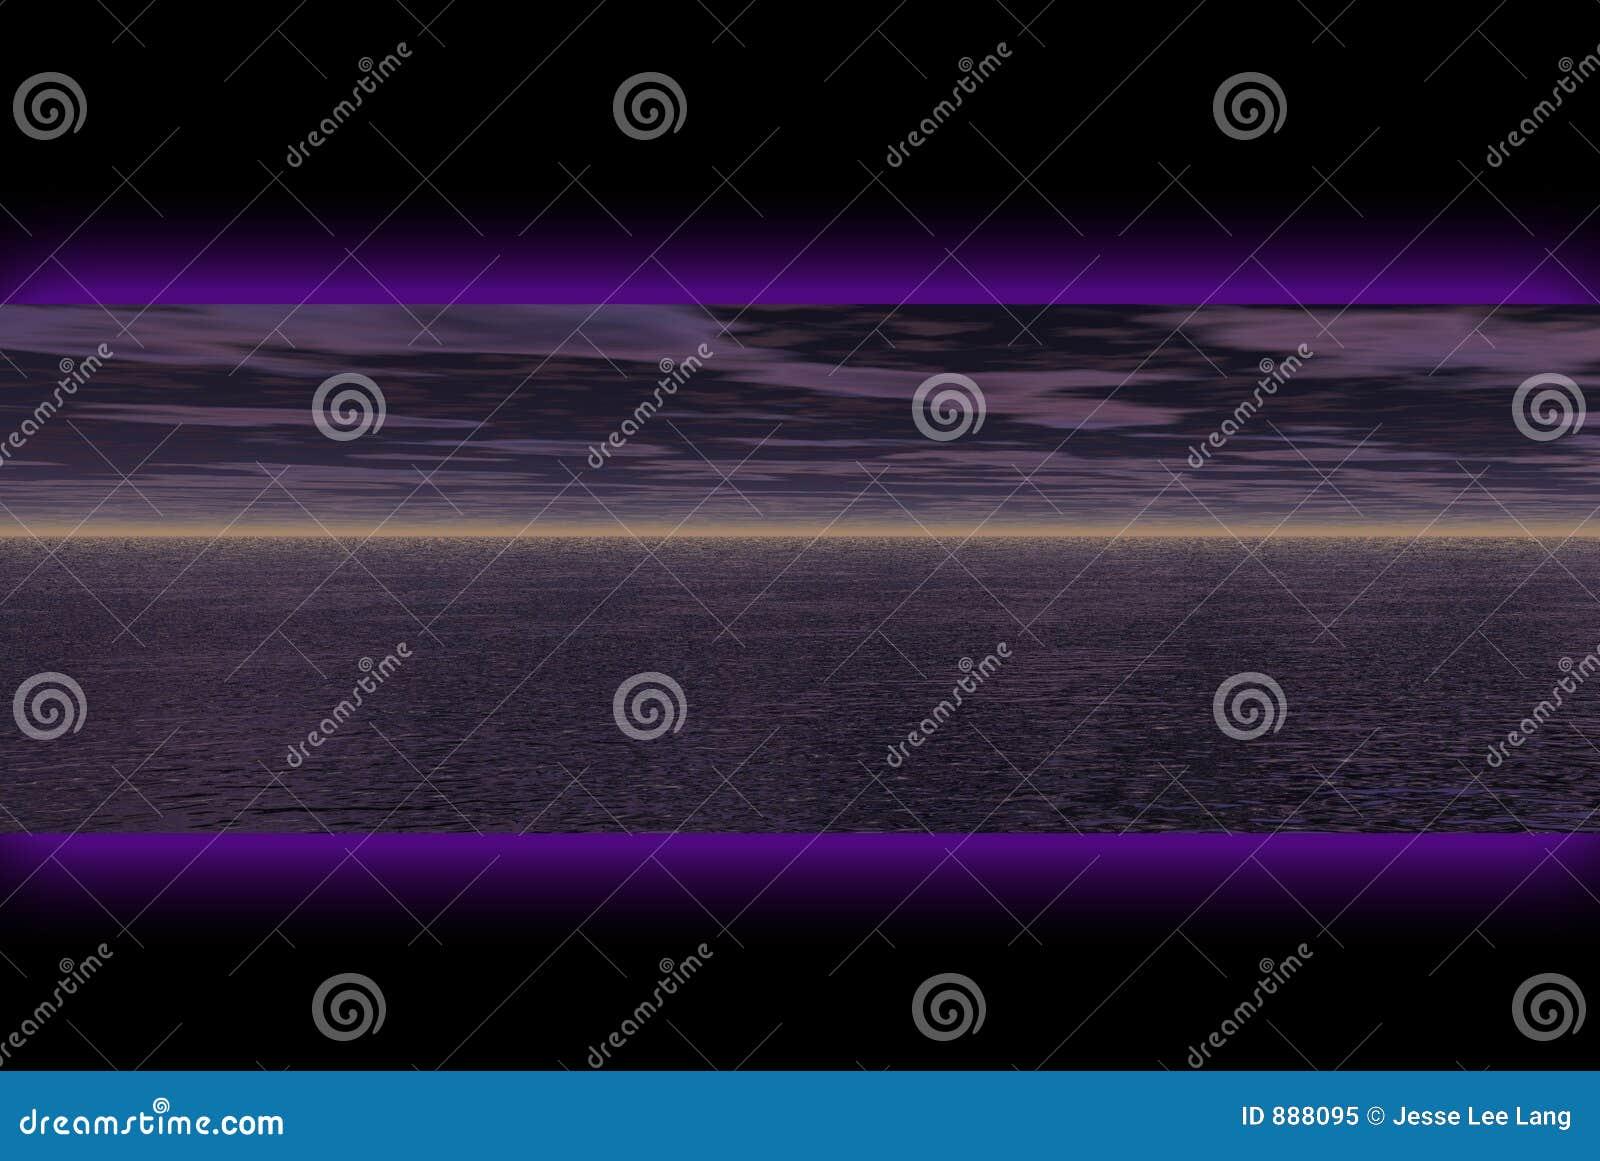 Banner ciemności krajobrazu